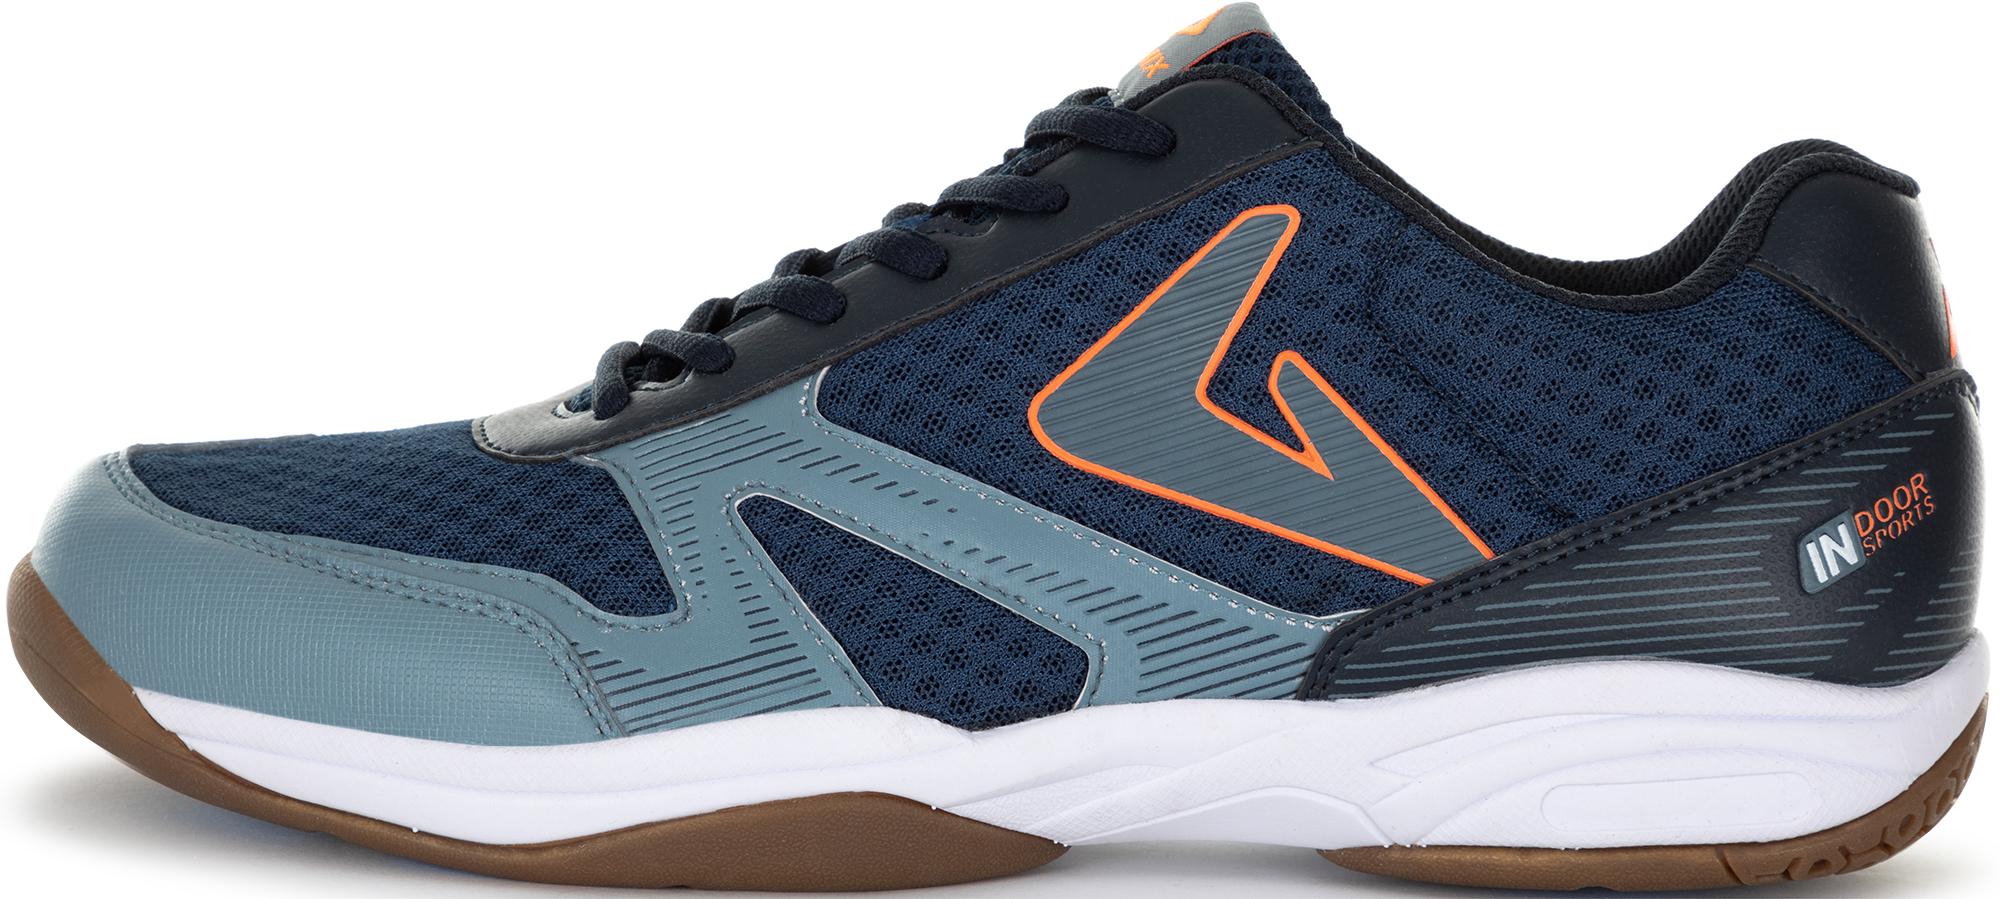 Demix Кроссовки мужские Demix D-Court 2, размер 46 кроссовки мужские adidas vl court 2 2 цвет черный b43818 размер 11 44 5